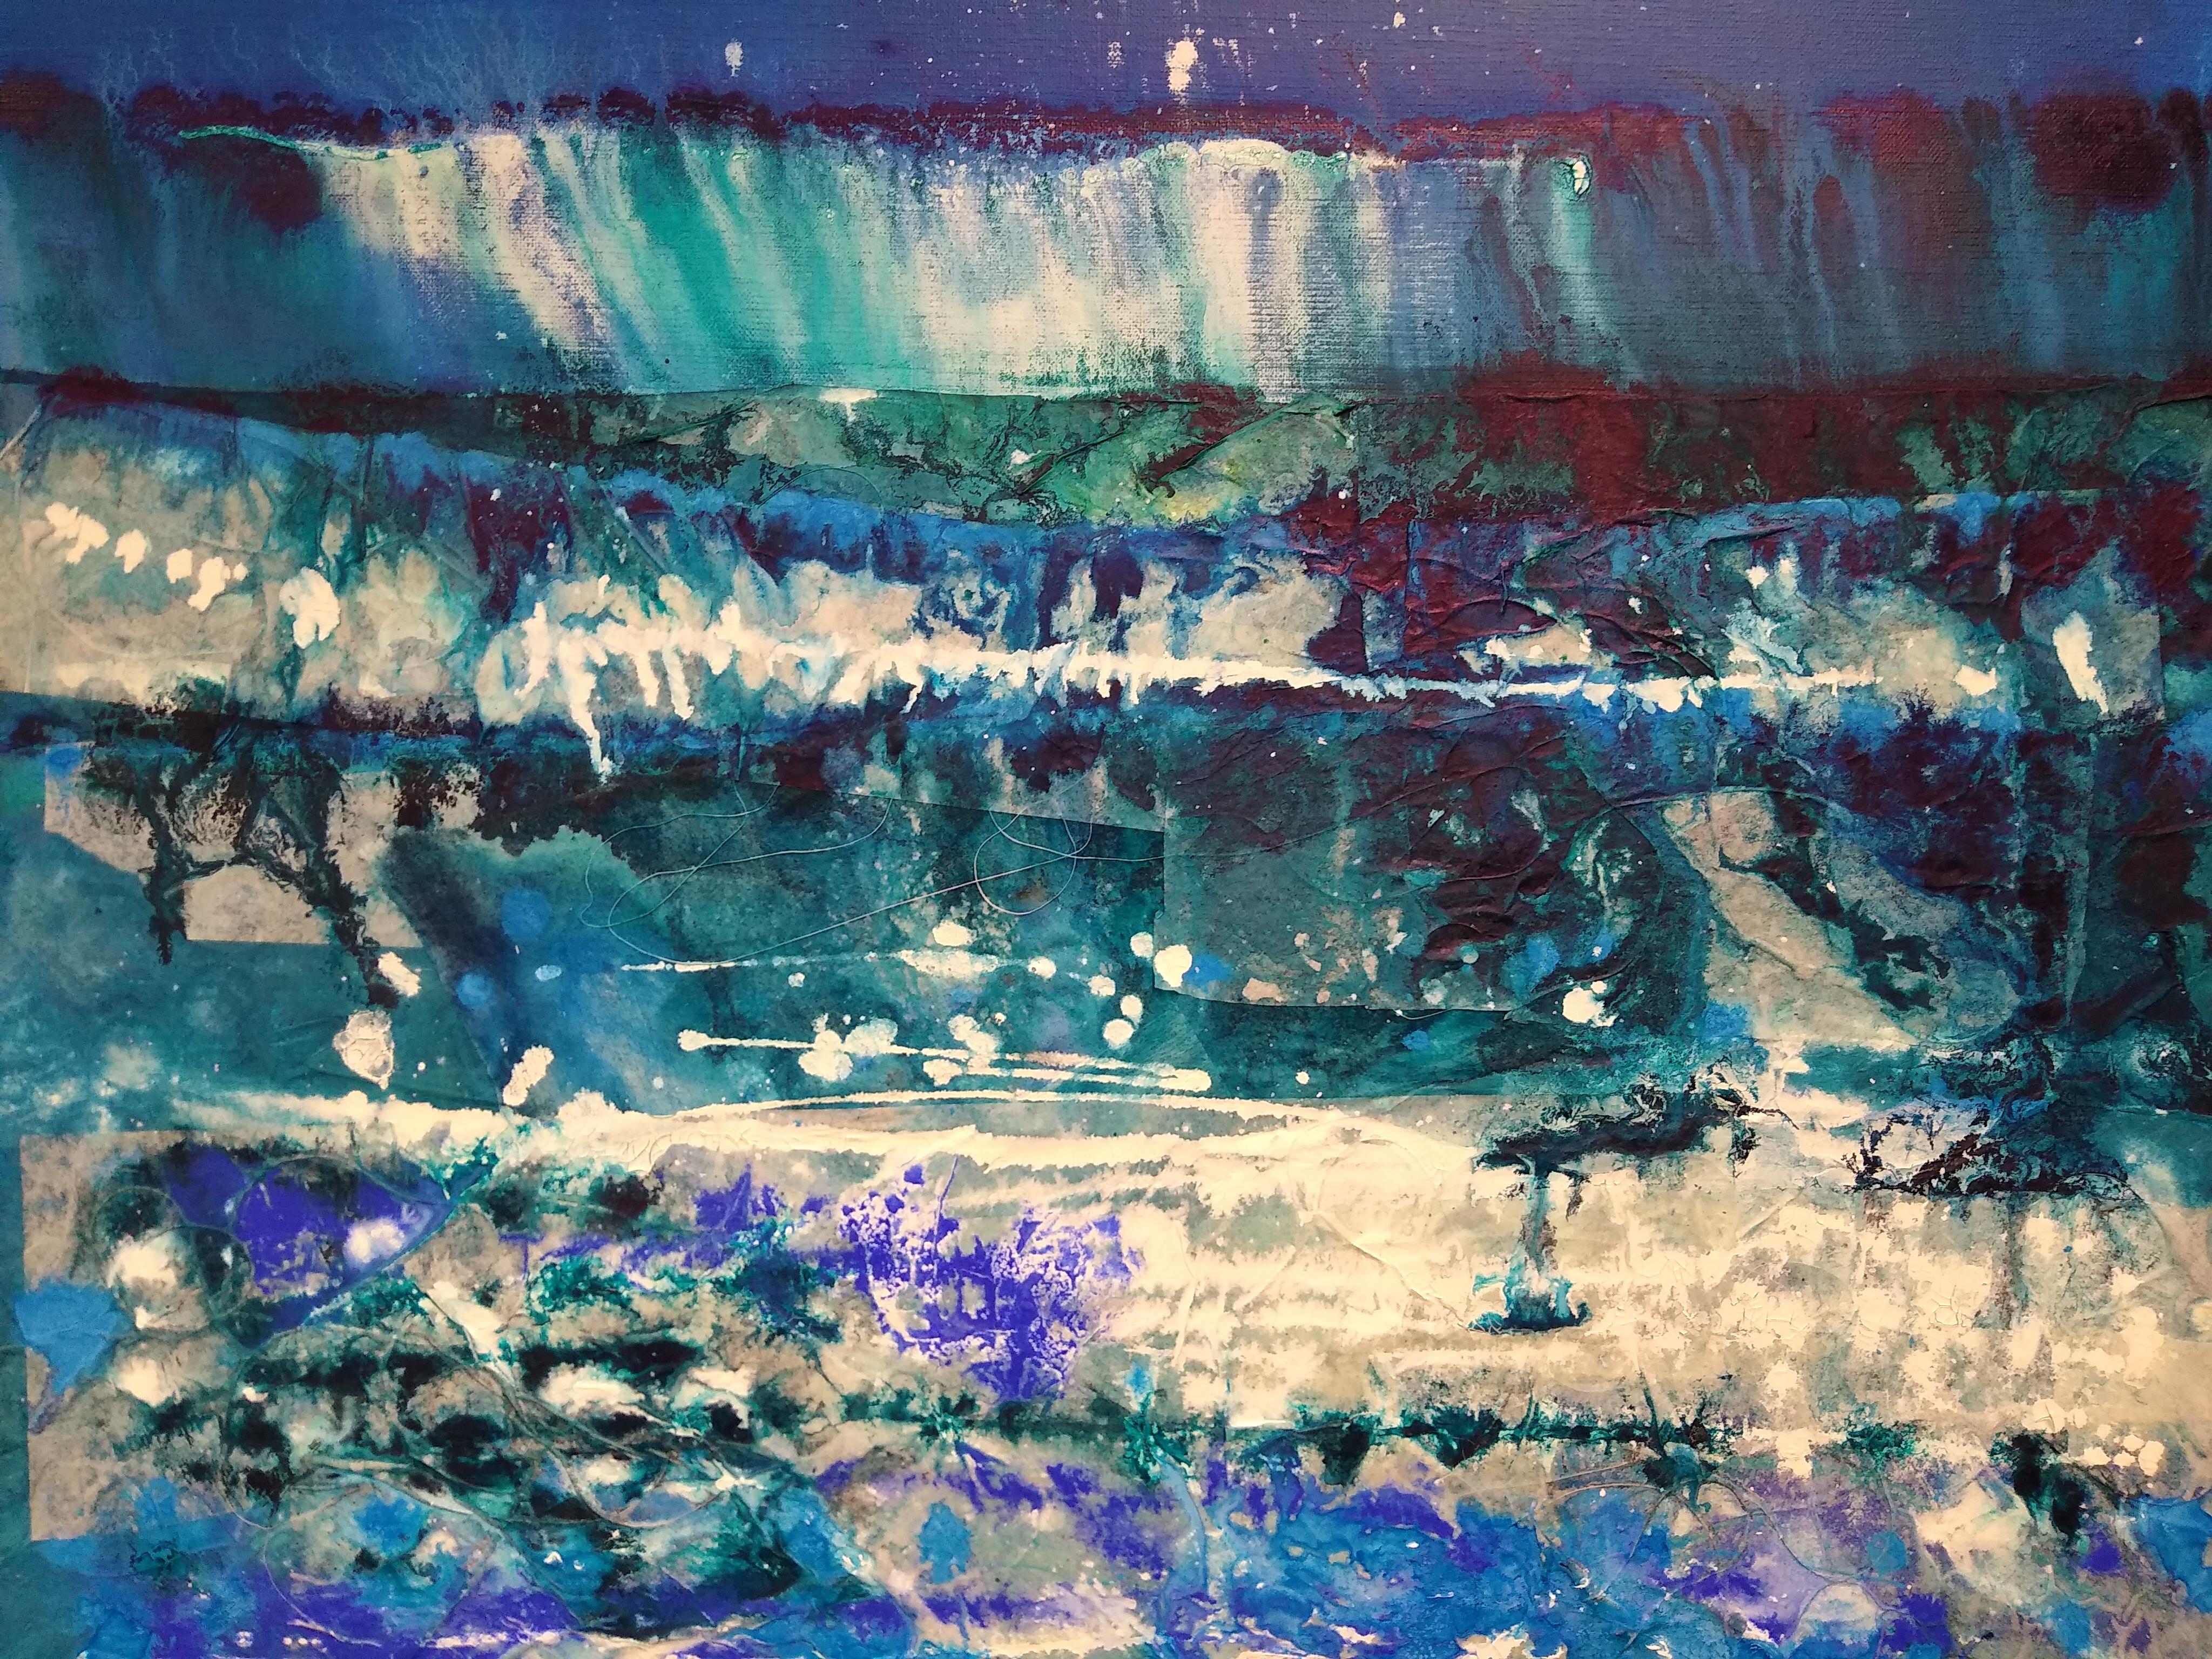 Aqua Fortis 50 x 60 cm